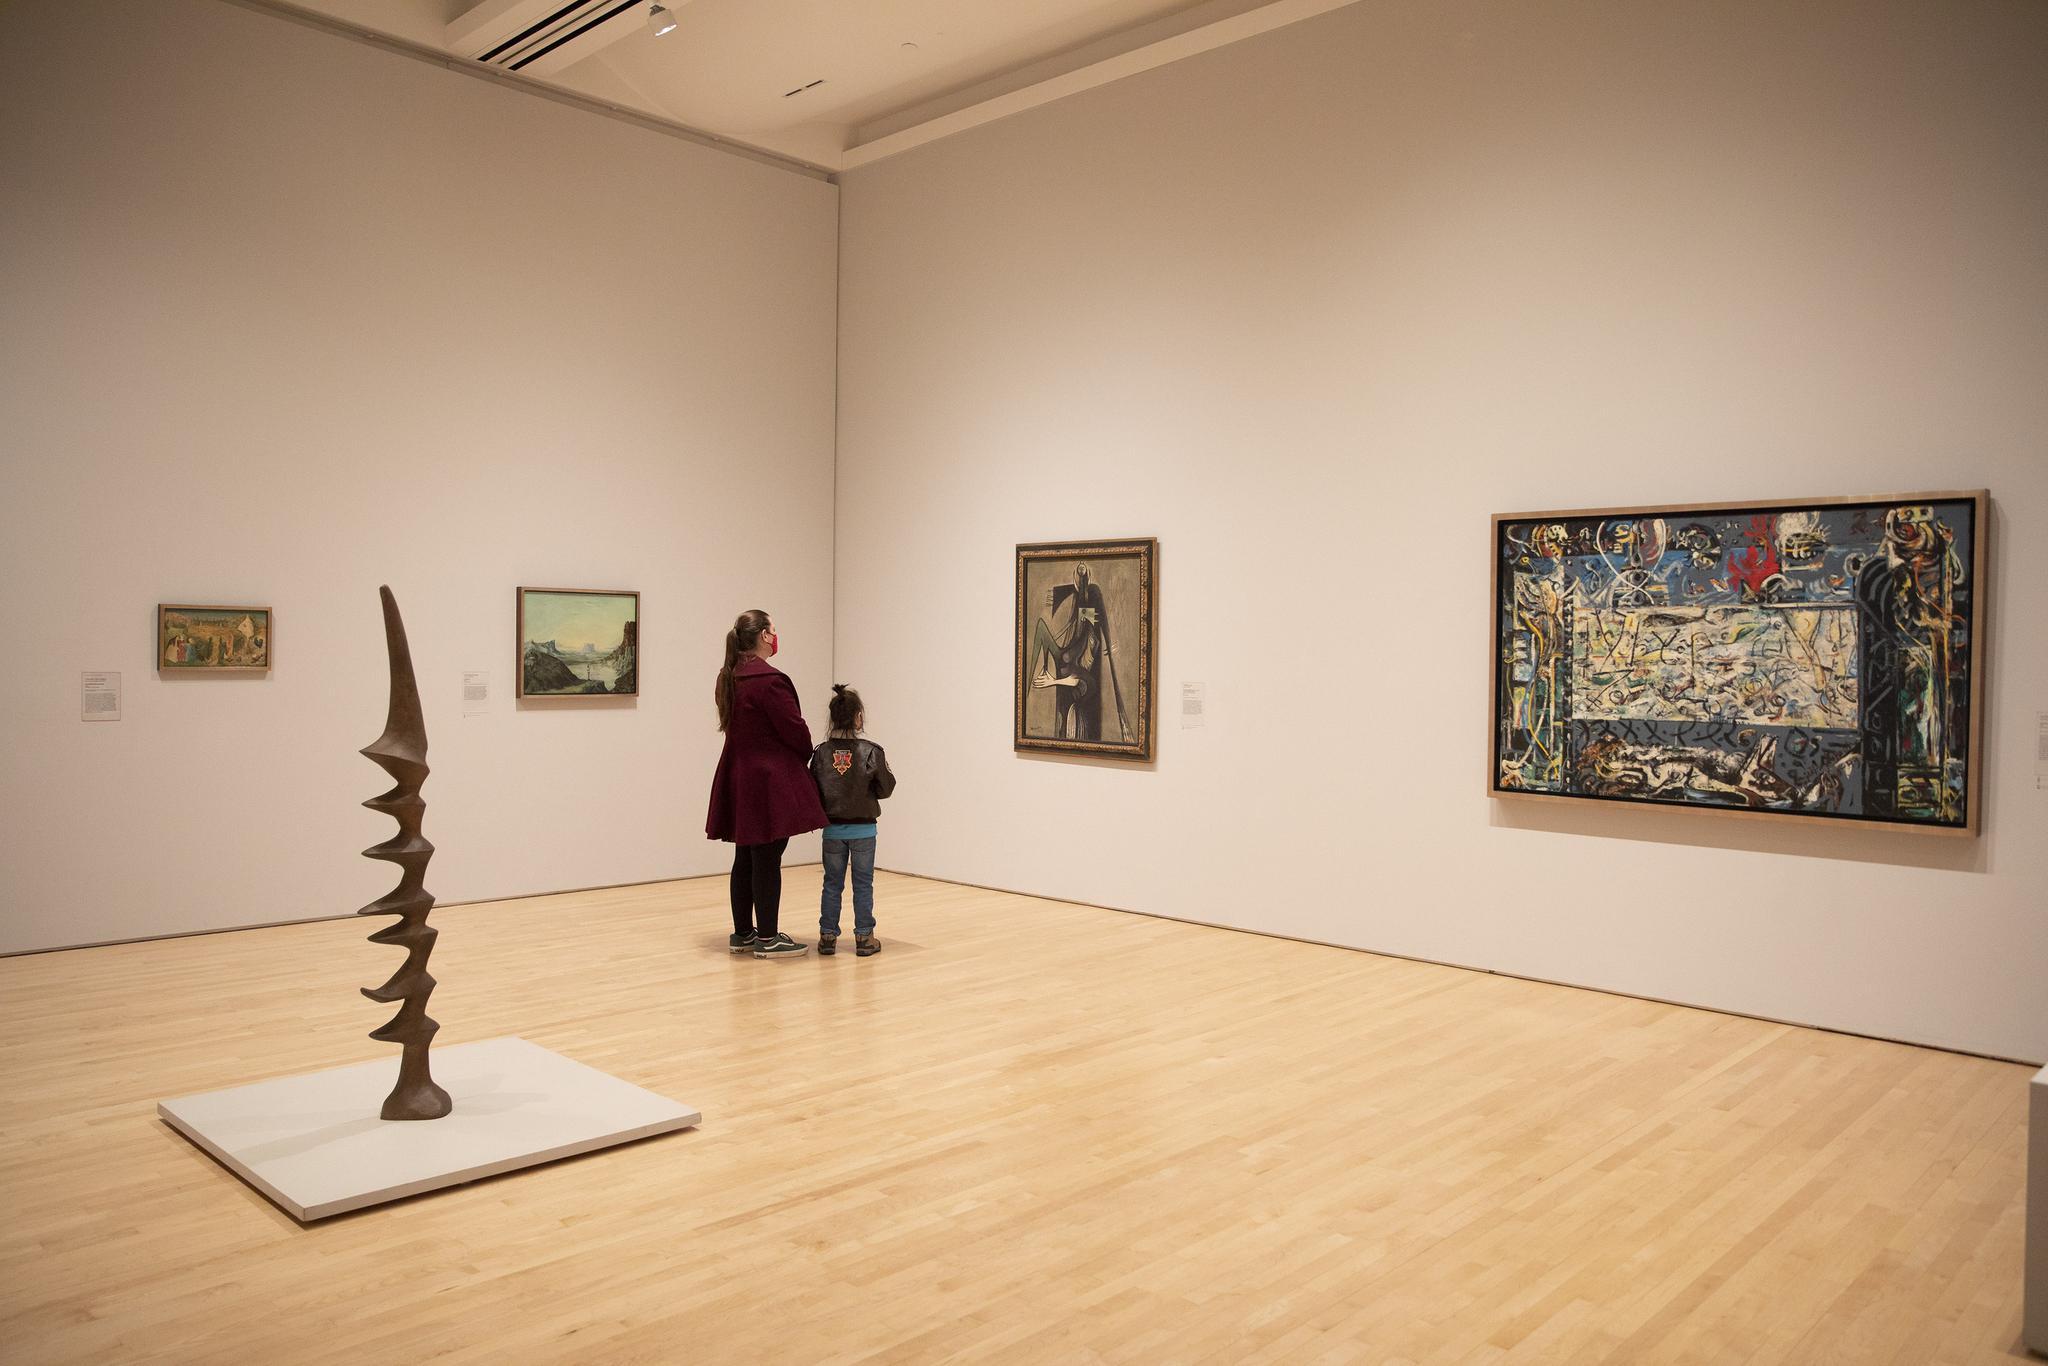 重新开放的旧金山现代艺术博物馆